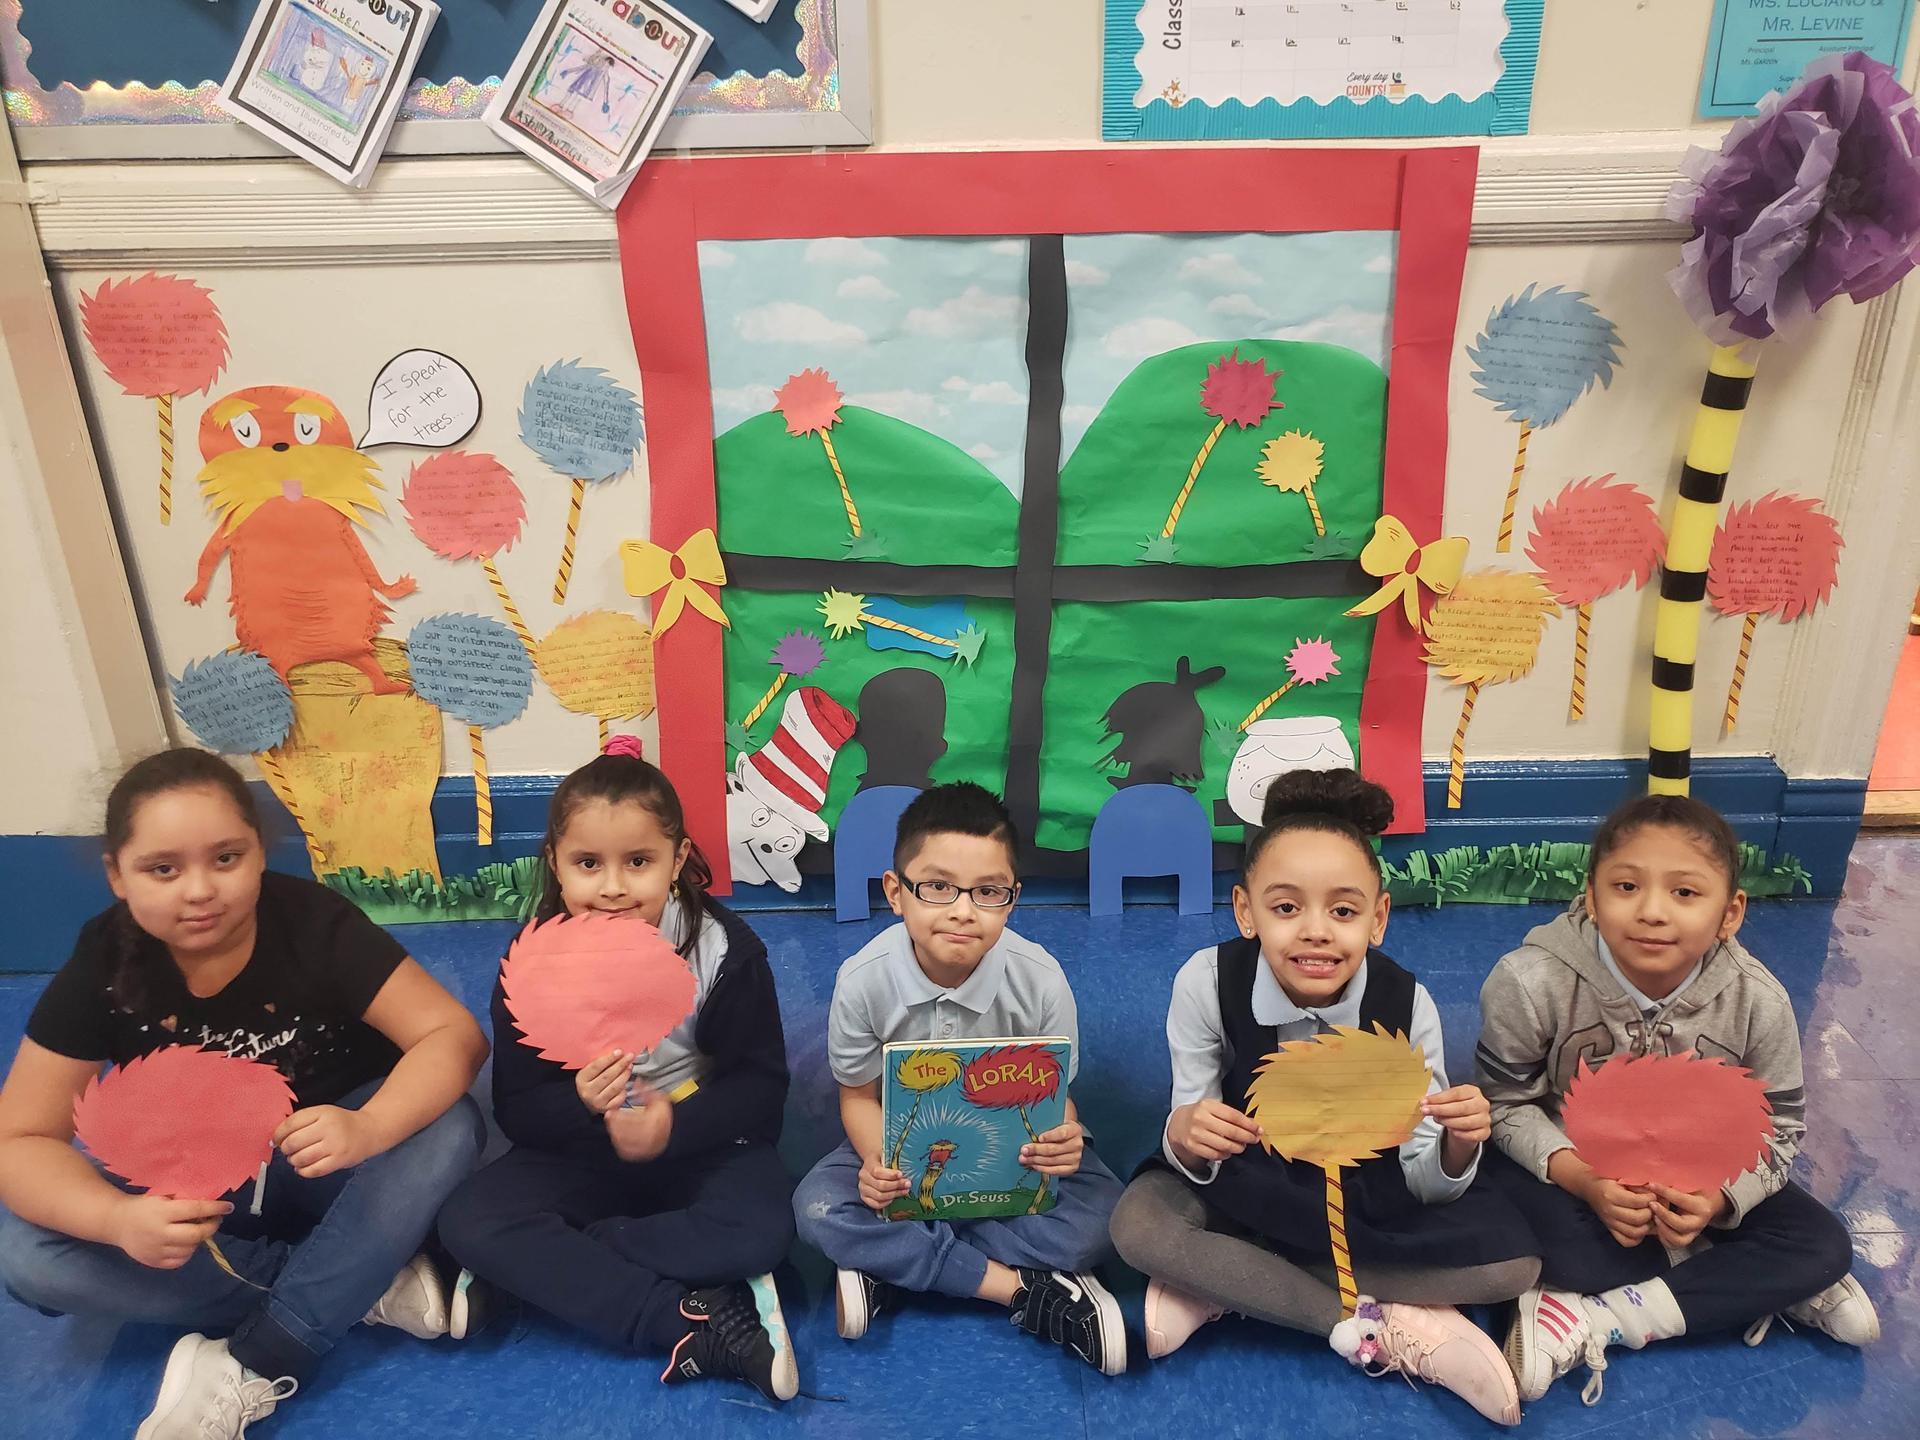 Dr. Seuss Day - 1st Grade